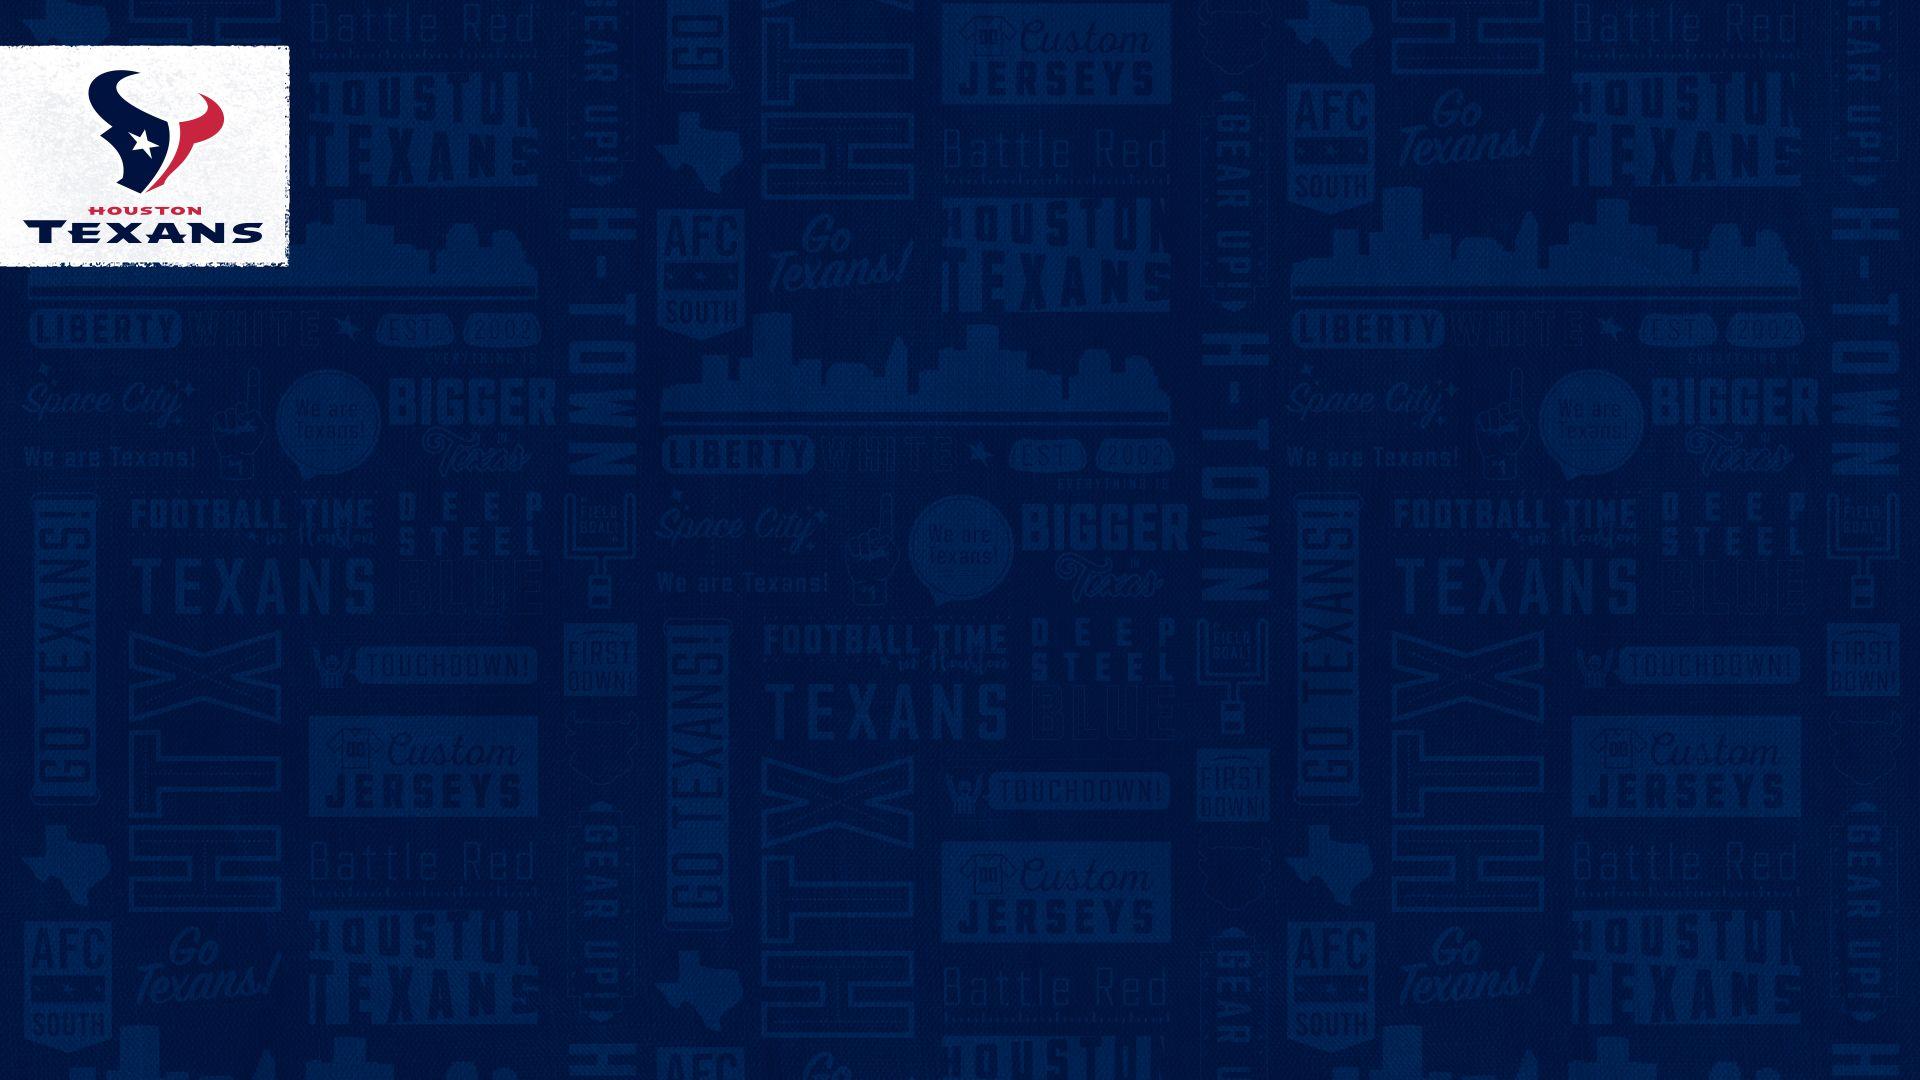 Zoom_TexansPattern_1920x1080_Blue